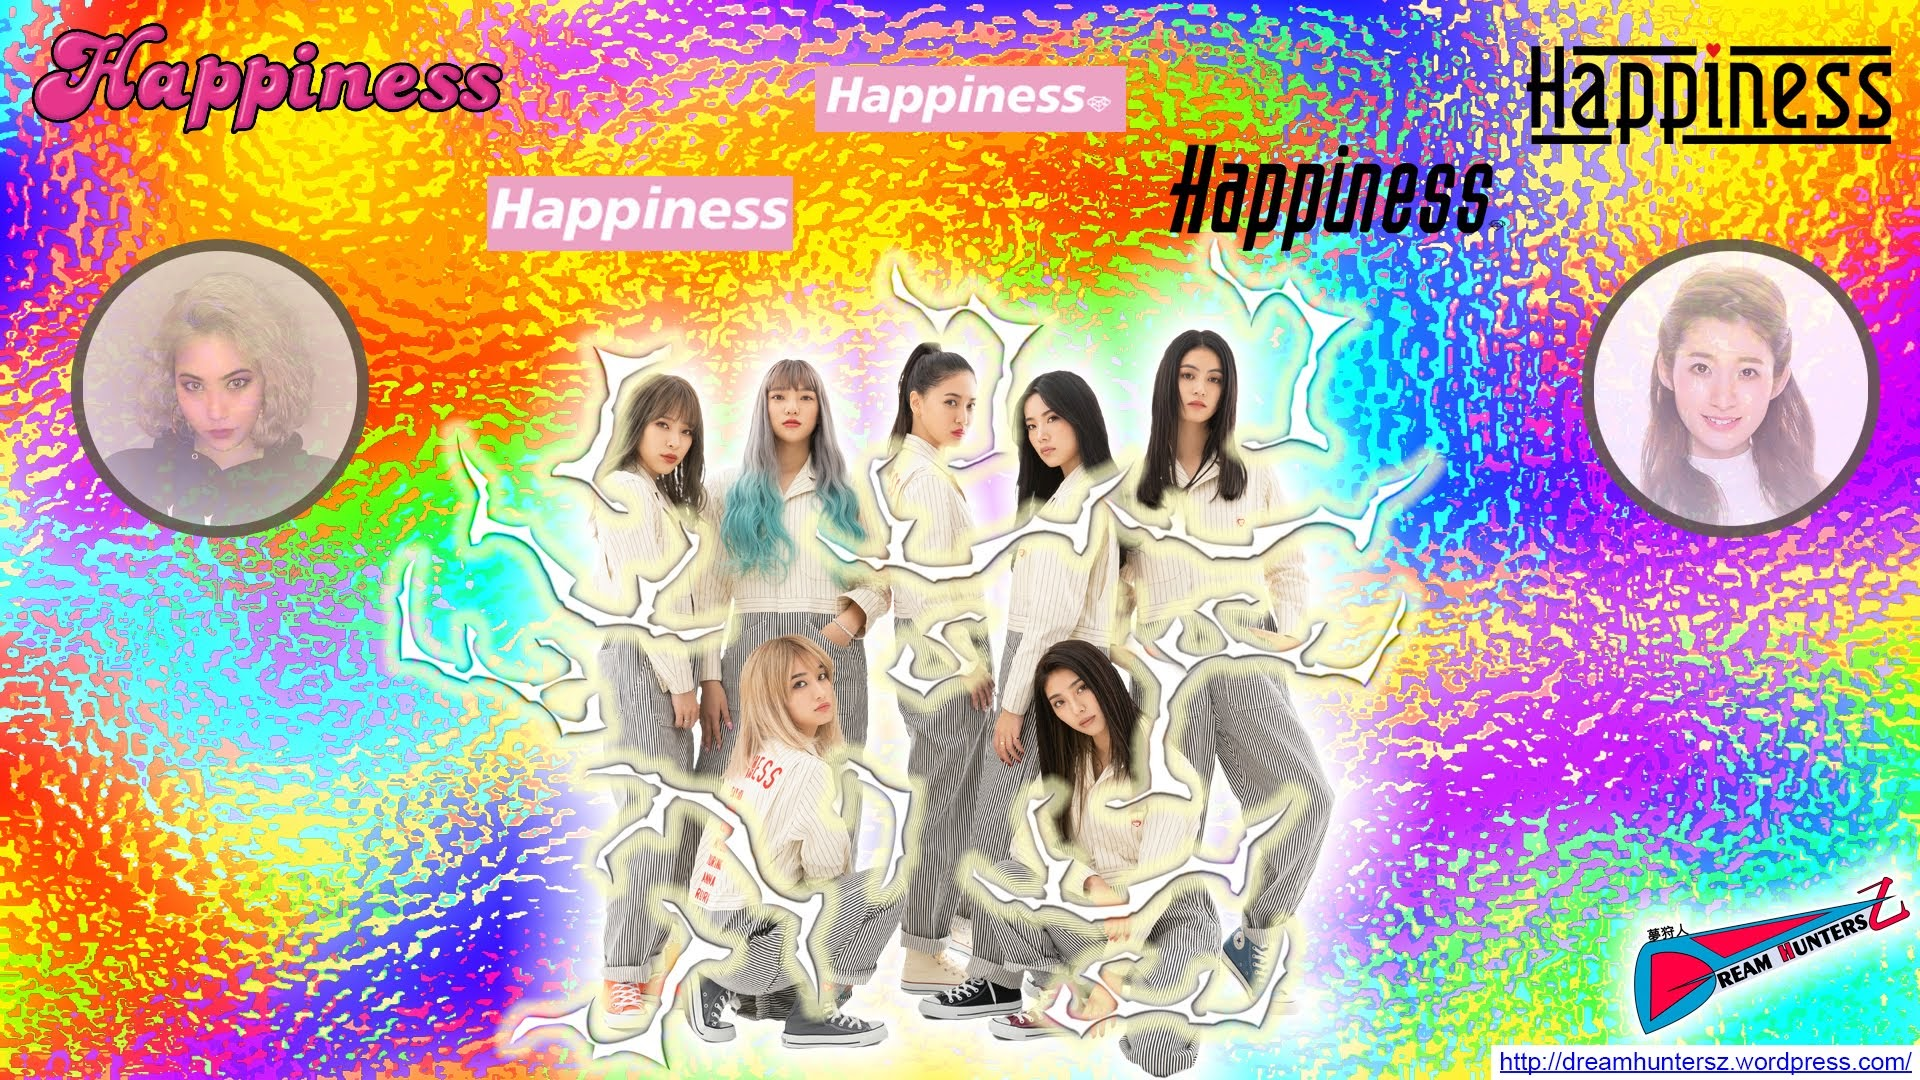 Happiness - Montagem feita por mim.